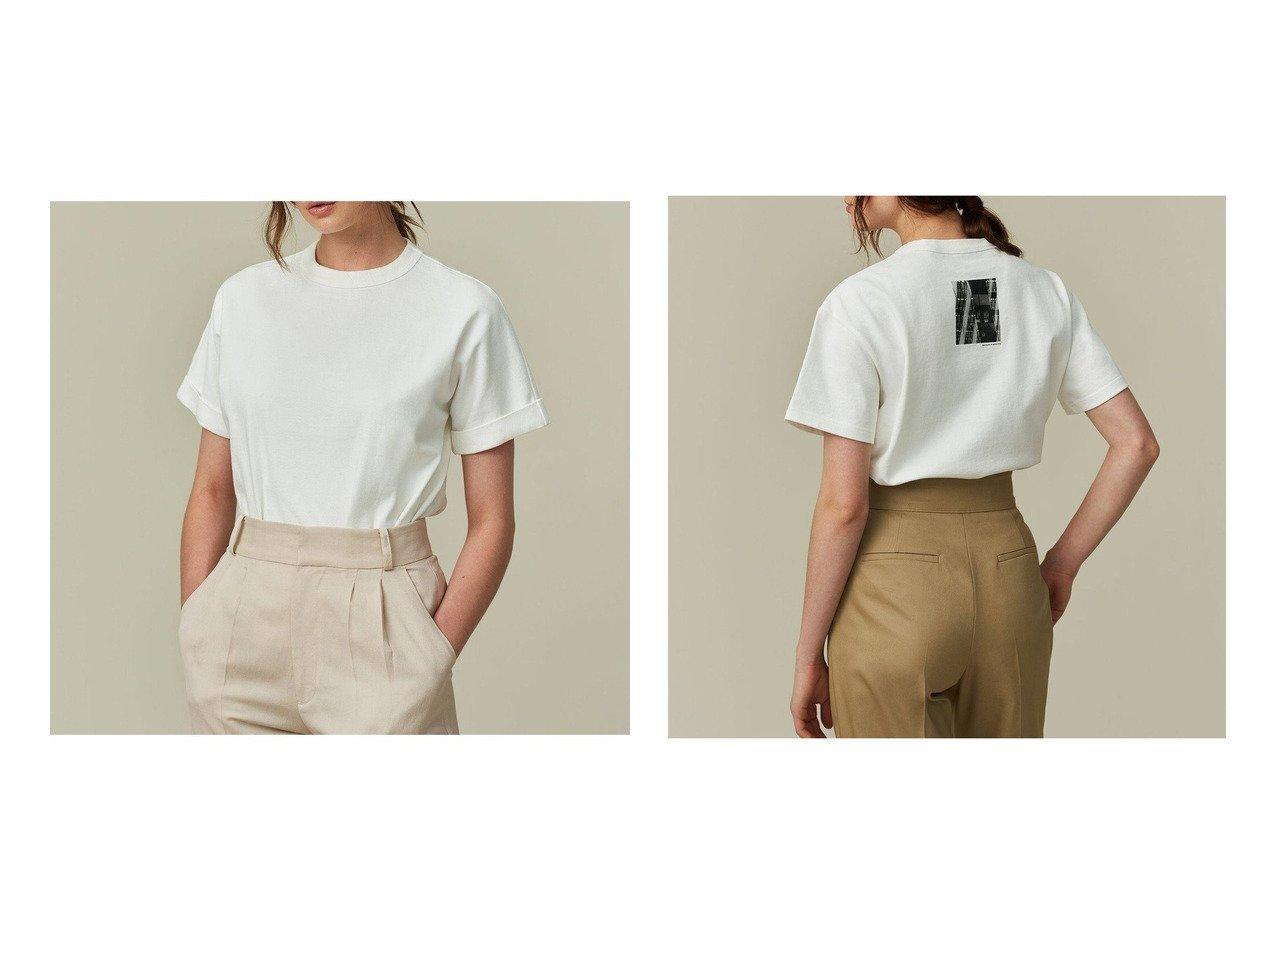 【uncrave/アンクレイヴ】のクールタッチUV ドルマンTシャツ&クールタッチUV フォトTシャツ 【トップス・カットソー】おすすめ!人気、トレンド・レディースファッションの通販 おすすめで人気の流行・トレンド、ファッションの通販商品 インテリア・家具・メンズファッション・キッズファッション・レディースファッション・服の通販 founy(ファニー) https://founy.com/ ファッション Fashion レディースファッション WOMEN トップス・カットソー Tops/Tshirt シャツ/ブラウス Shirts/Blouses ロング / Tシャツ T-Shirts カットソー Cut and Sewn カットソー スペシャル 人気 パターン プリント ベーシック 送料無料 Free Shipping 夏 Summer |ID:crp329100000055307